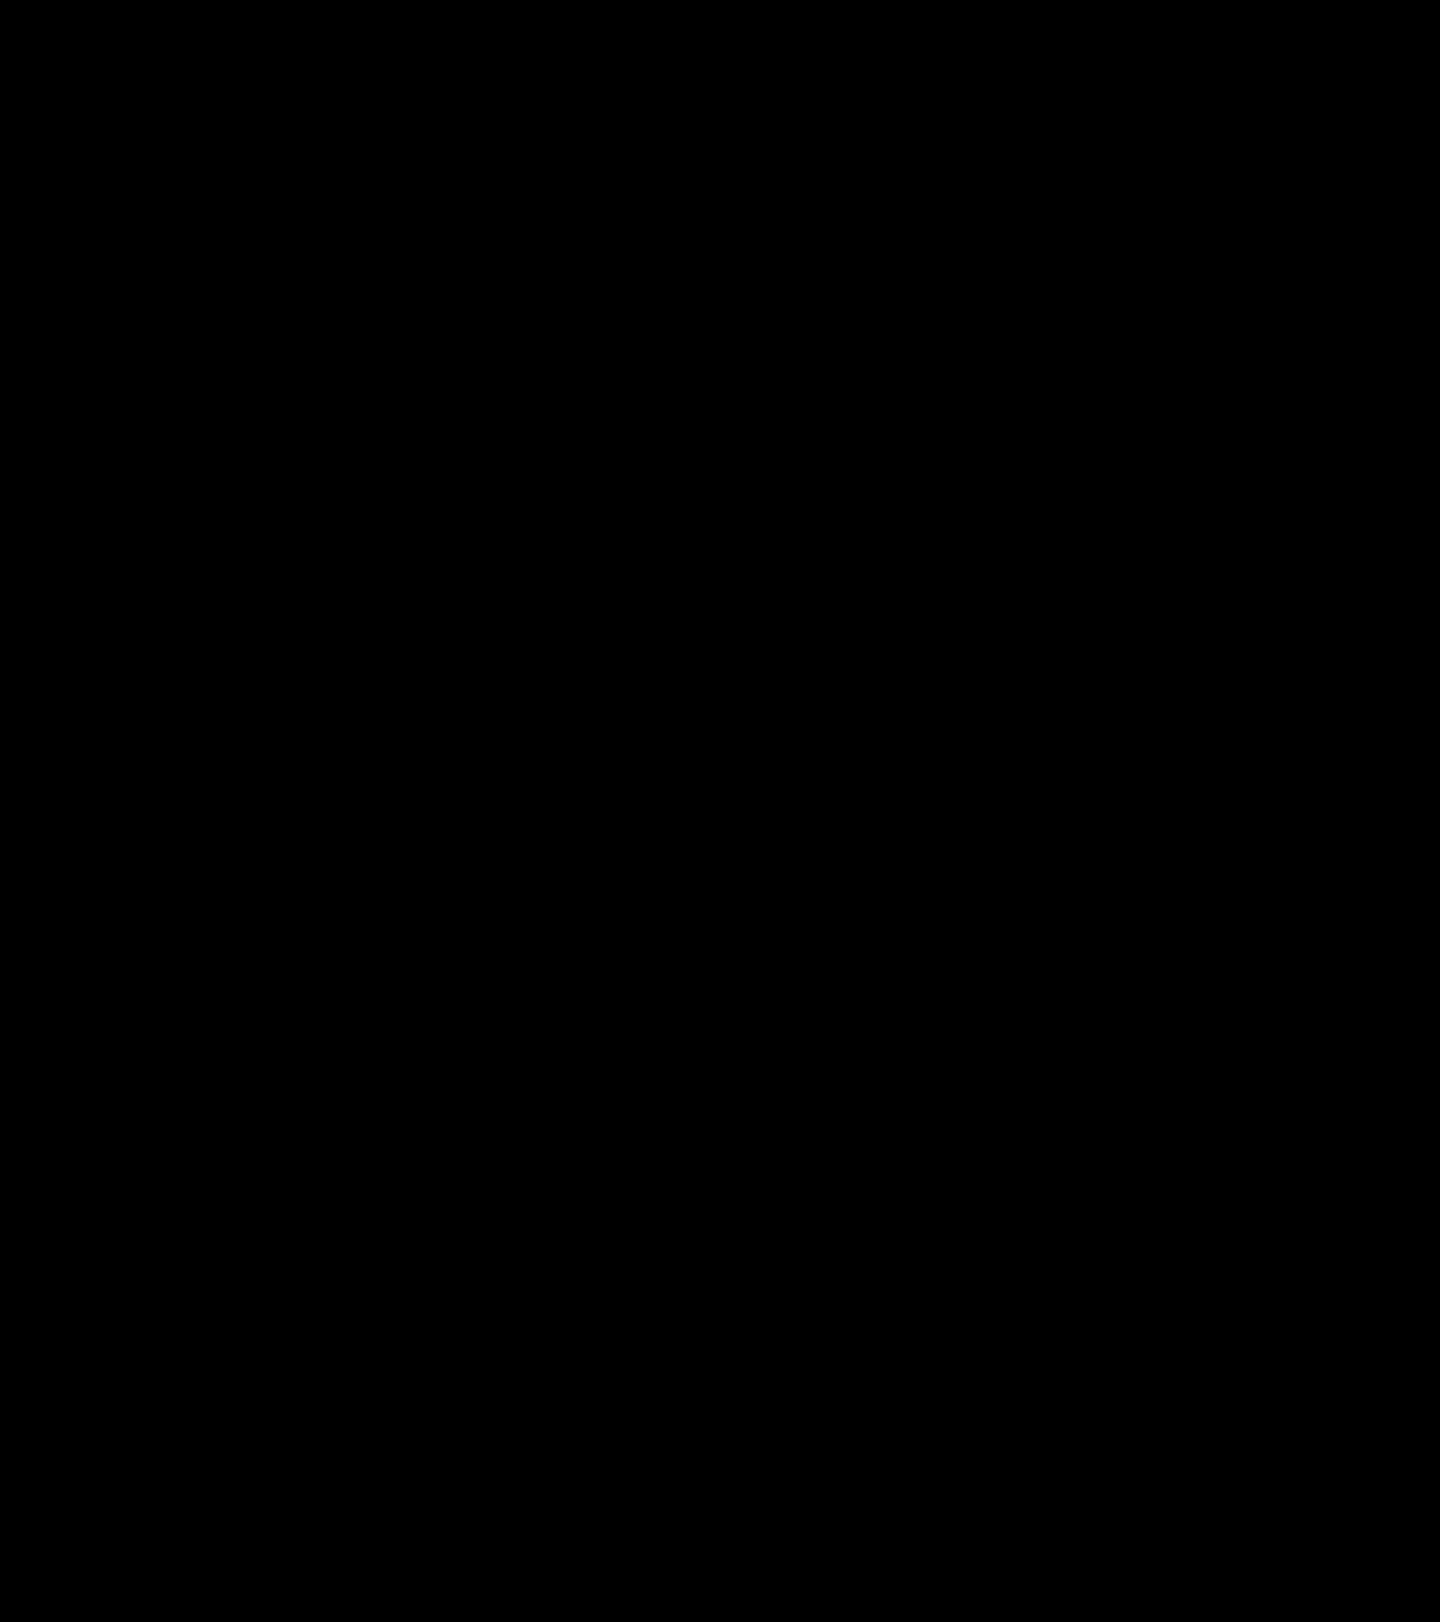 farm rio logo 3 - Farm Logo